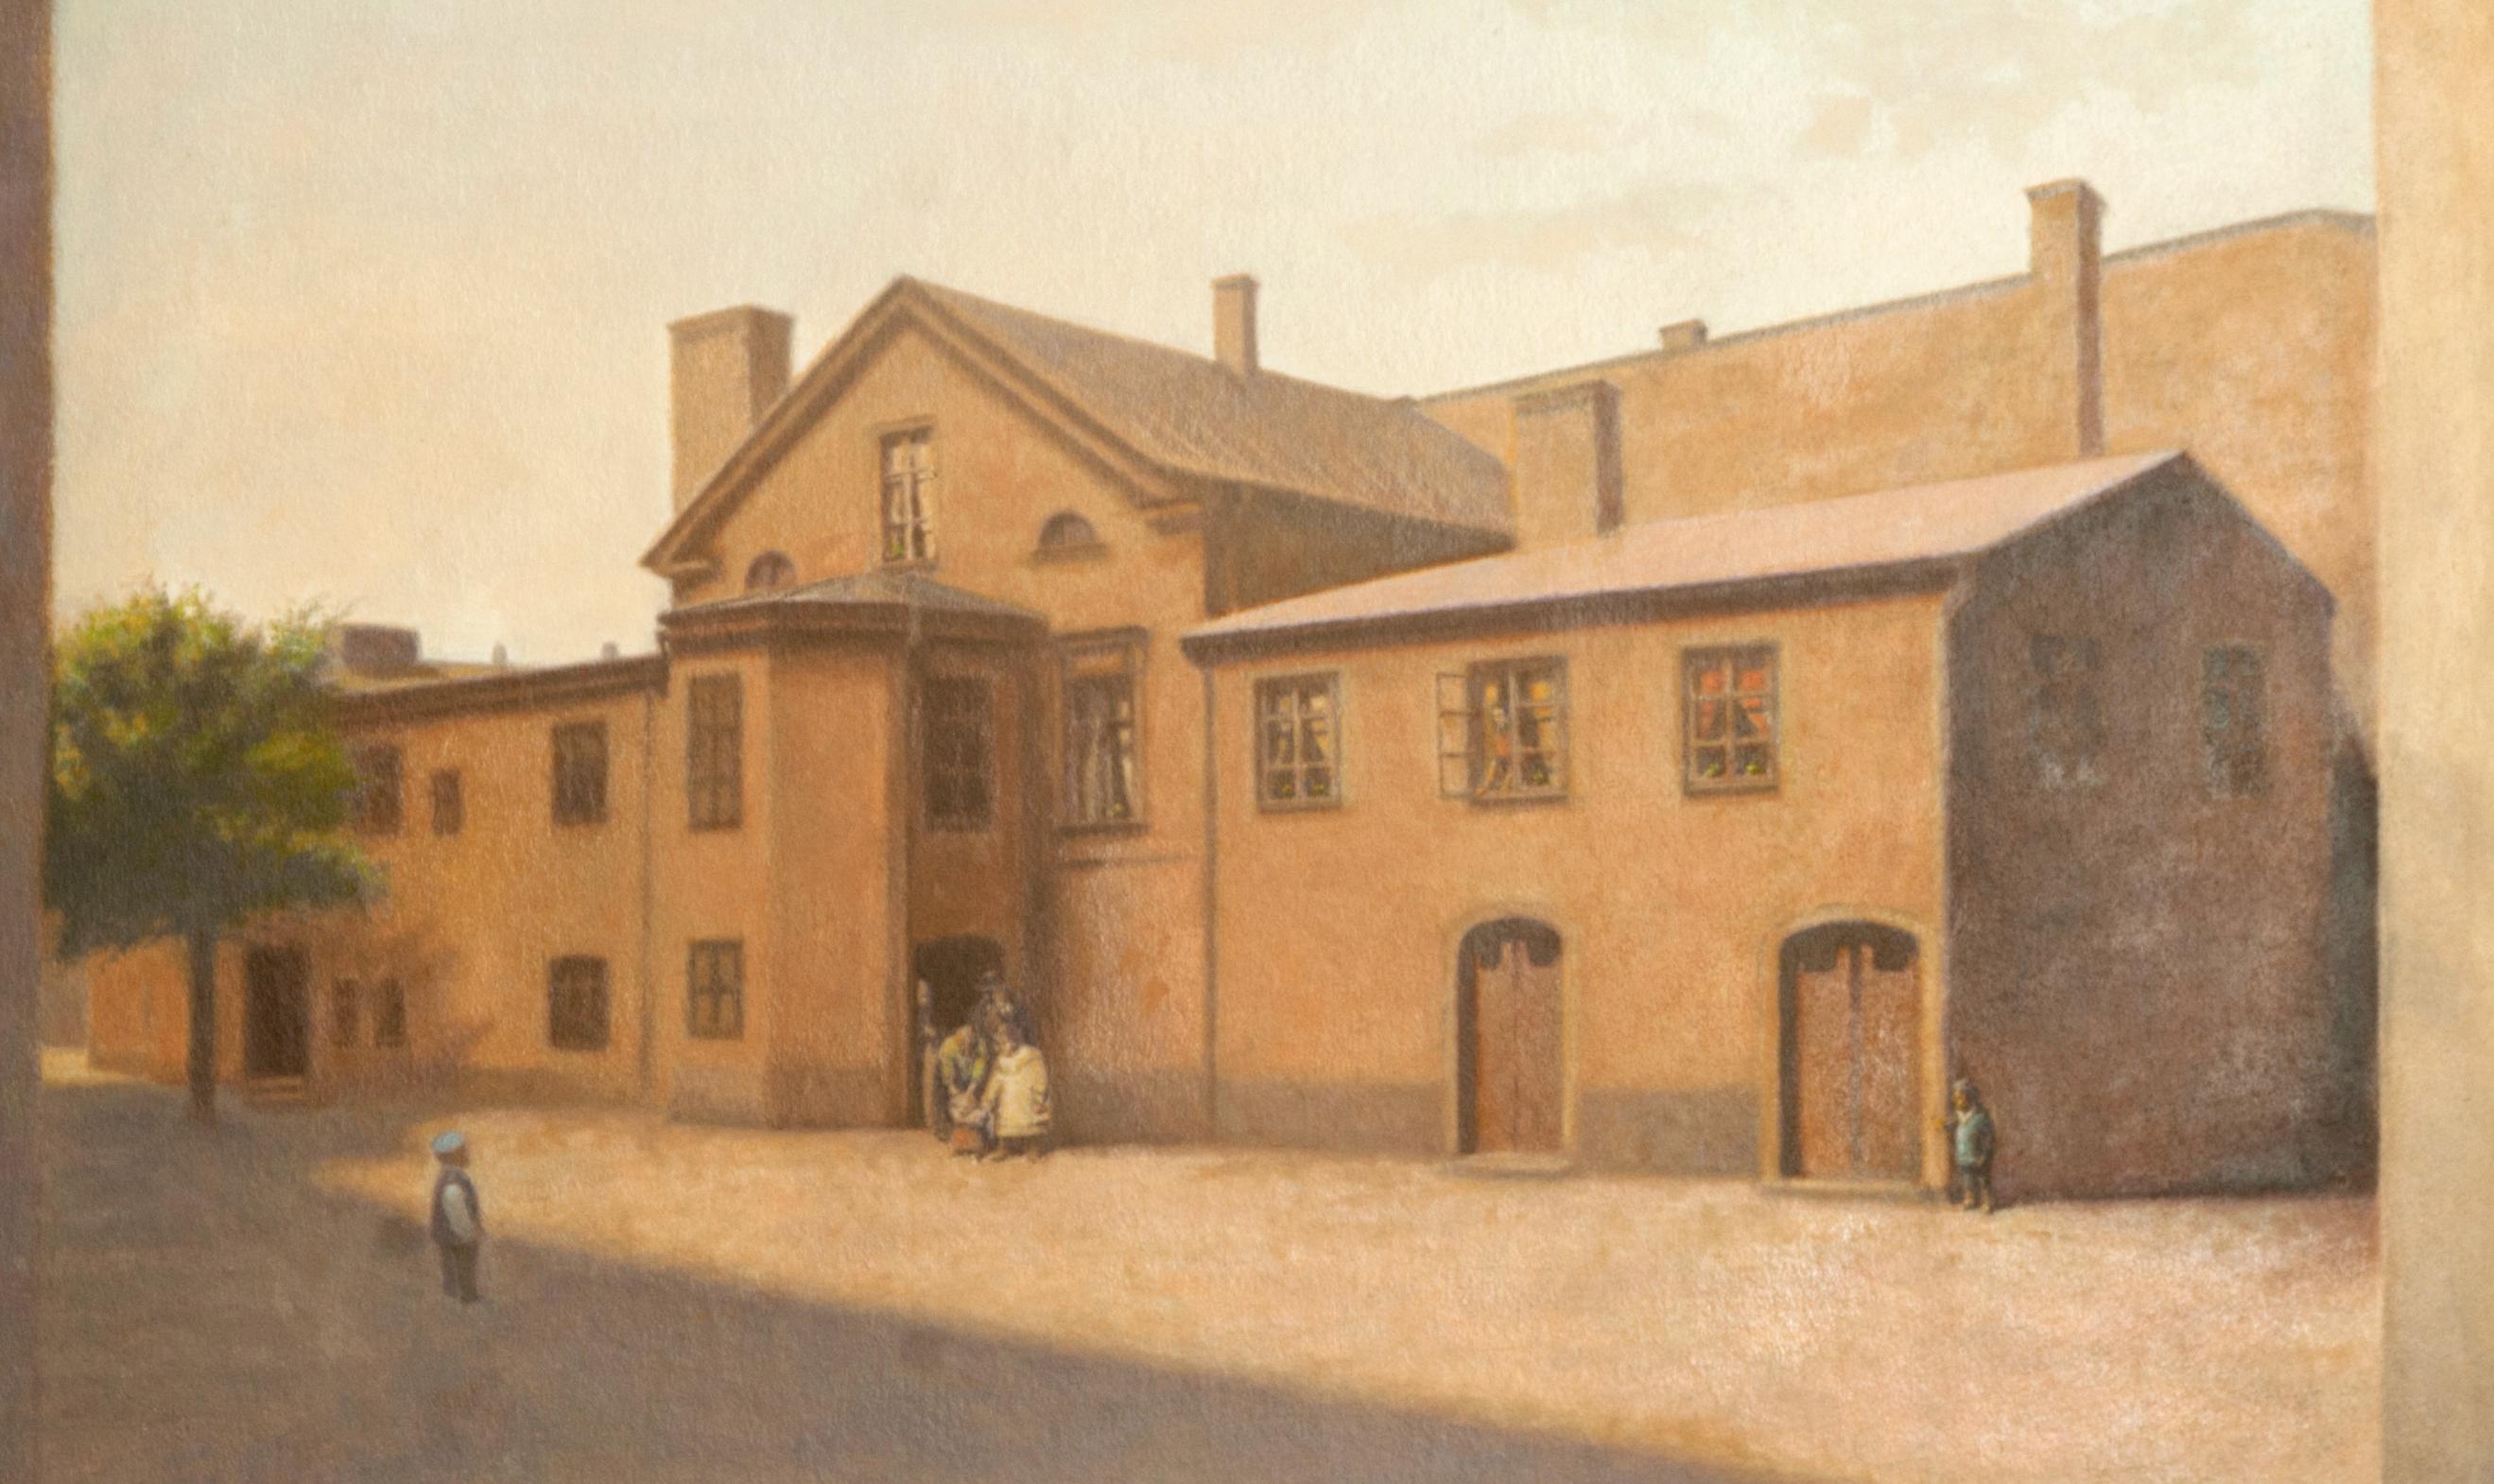 Gårdshuset Platensgatan (1920-tal) - Klicka för att byta till perspektivbild.